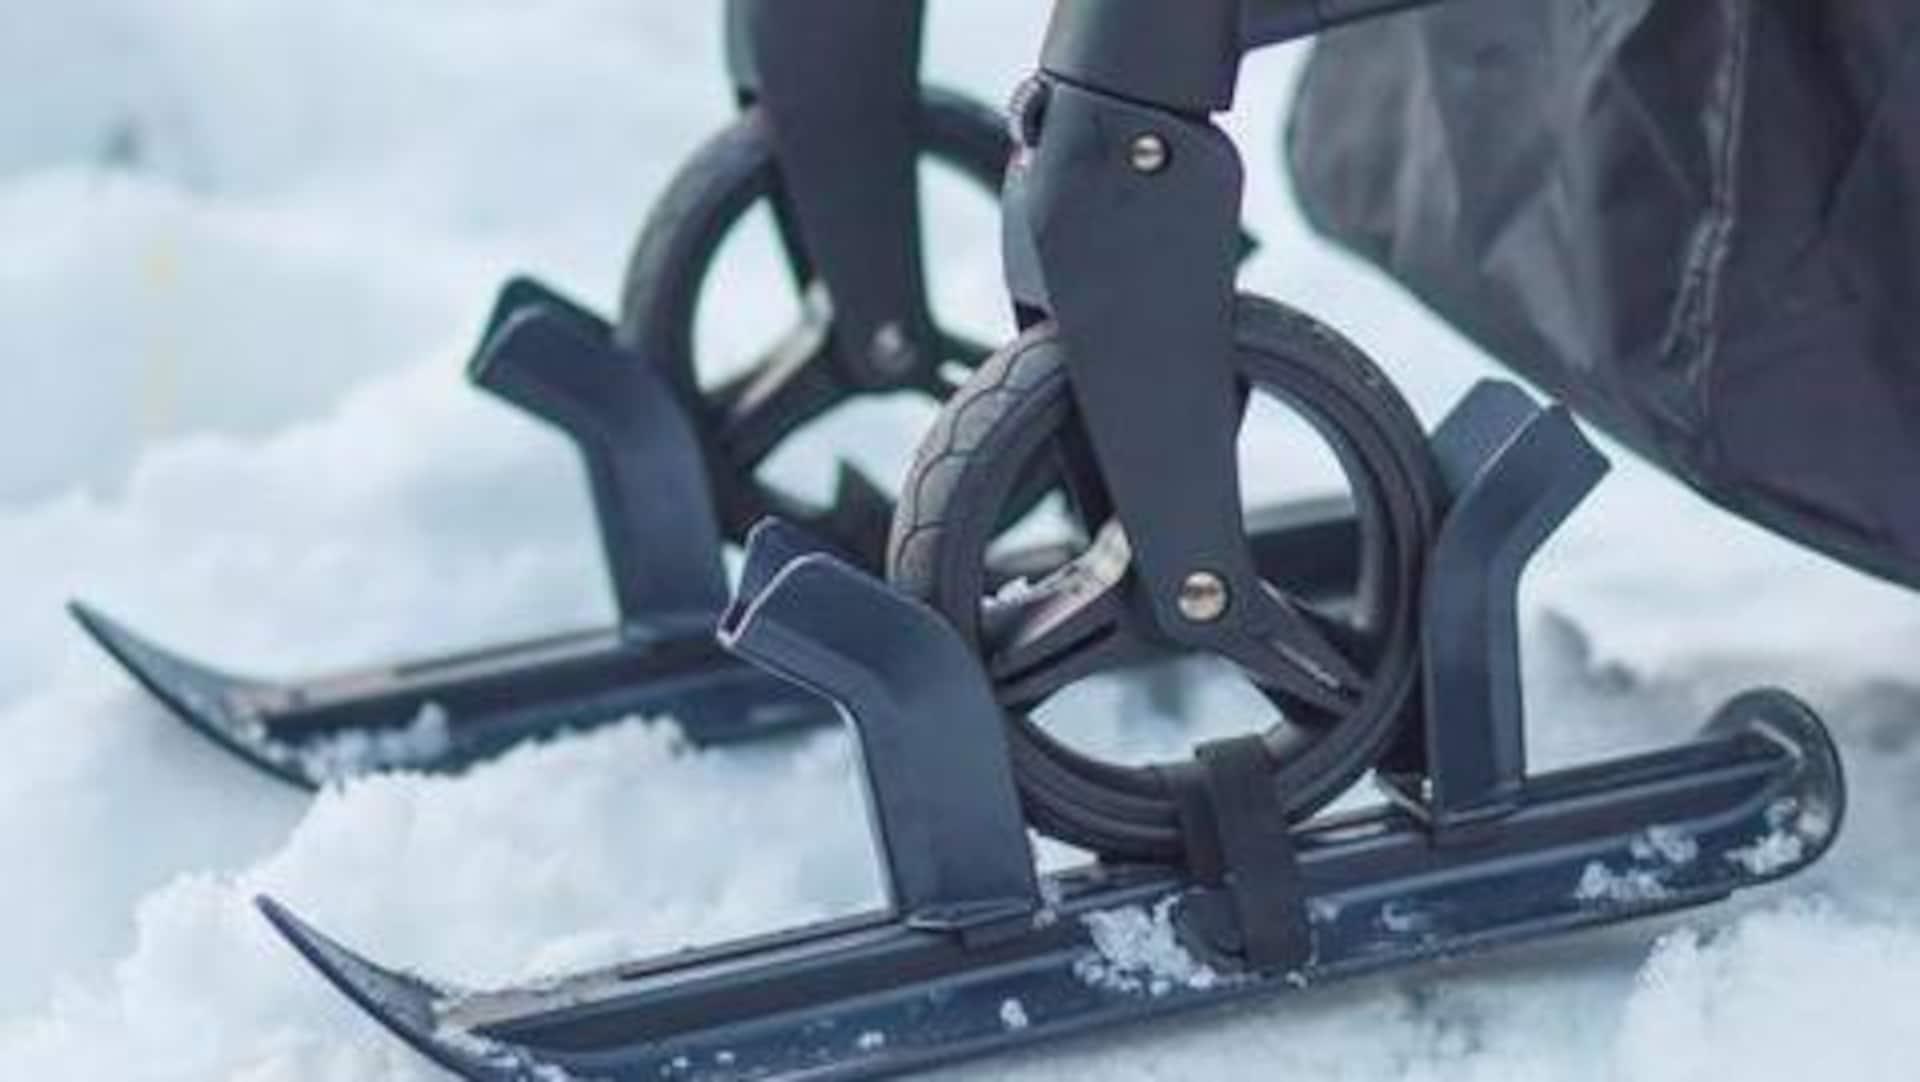 Plan rapproché de deux skis installés sur les roues avant d'une poussette. Il y a de la neige.